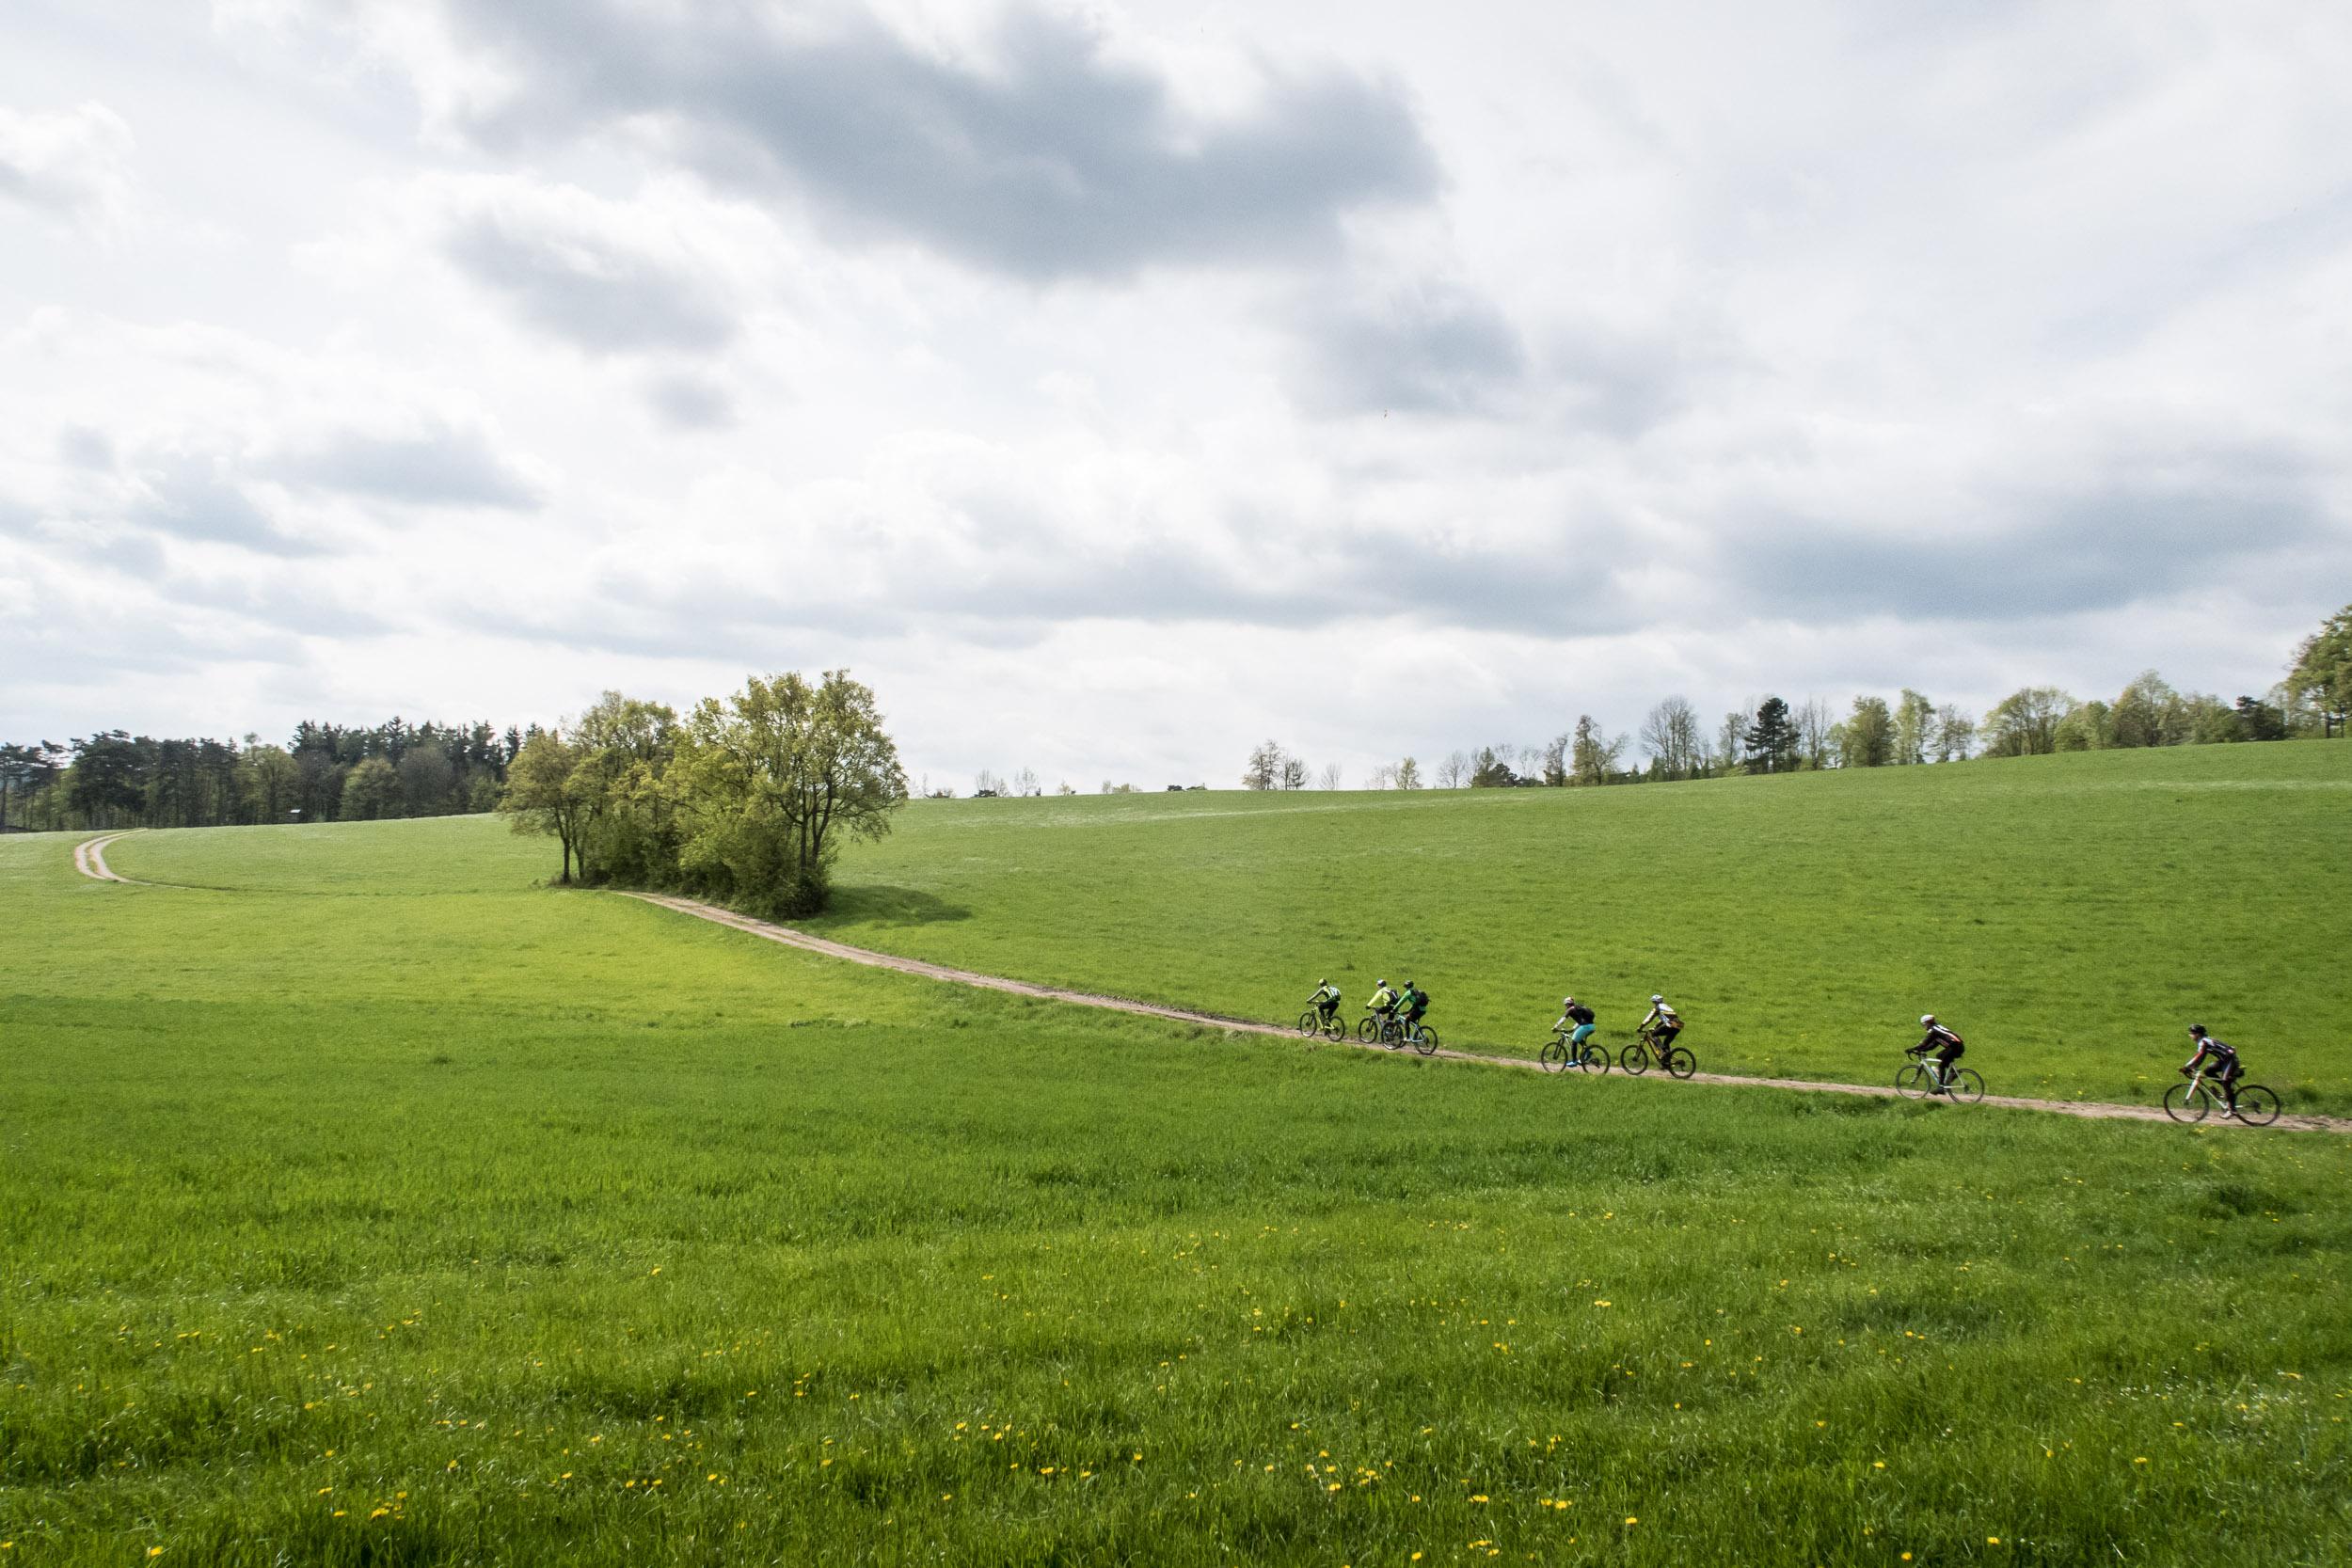 Naturerleben gilt als zentrales Freizeit- und Urlaubsmotiv. Und Biken ist als Lifestyle-Outdoor-Aktivität sehr positiv besetzt und außerdem ein ...